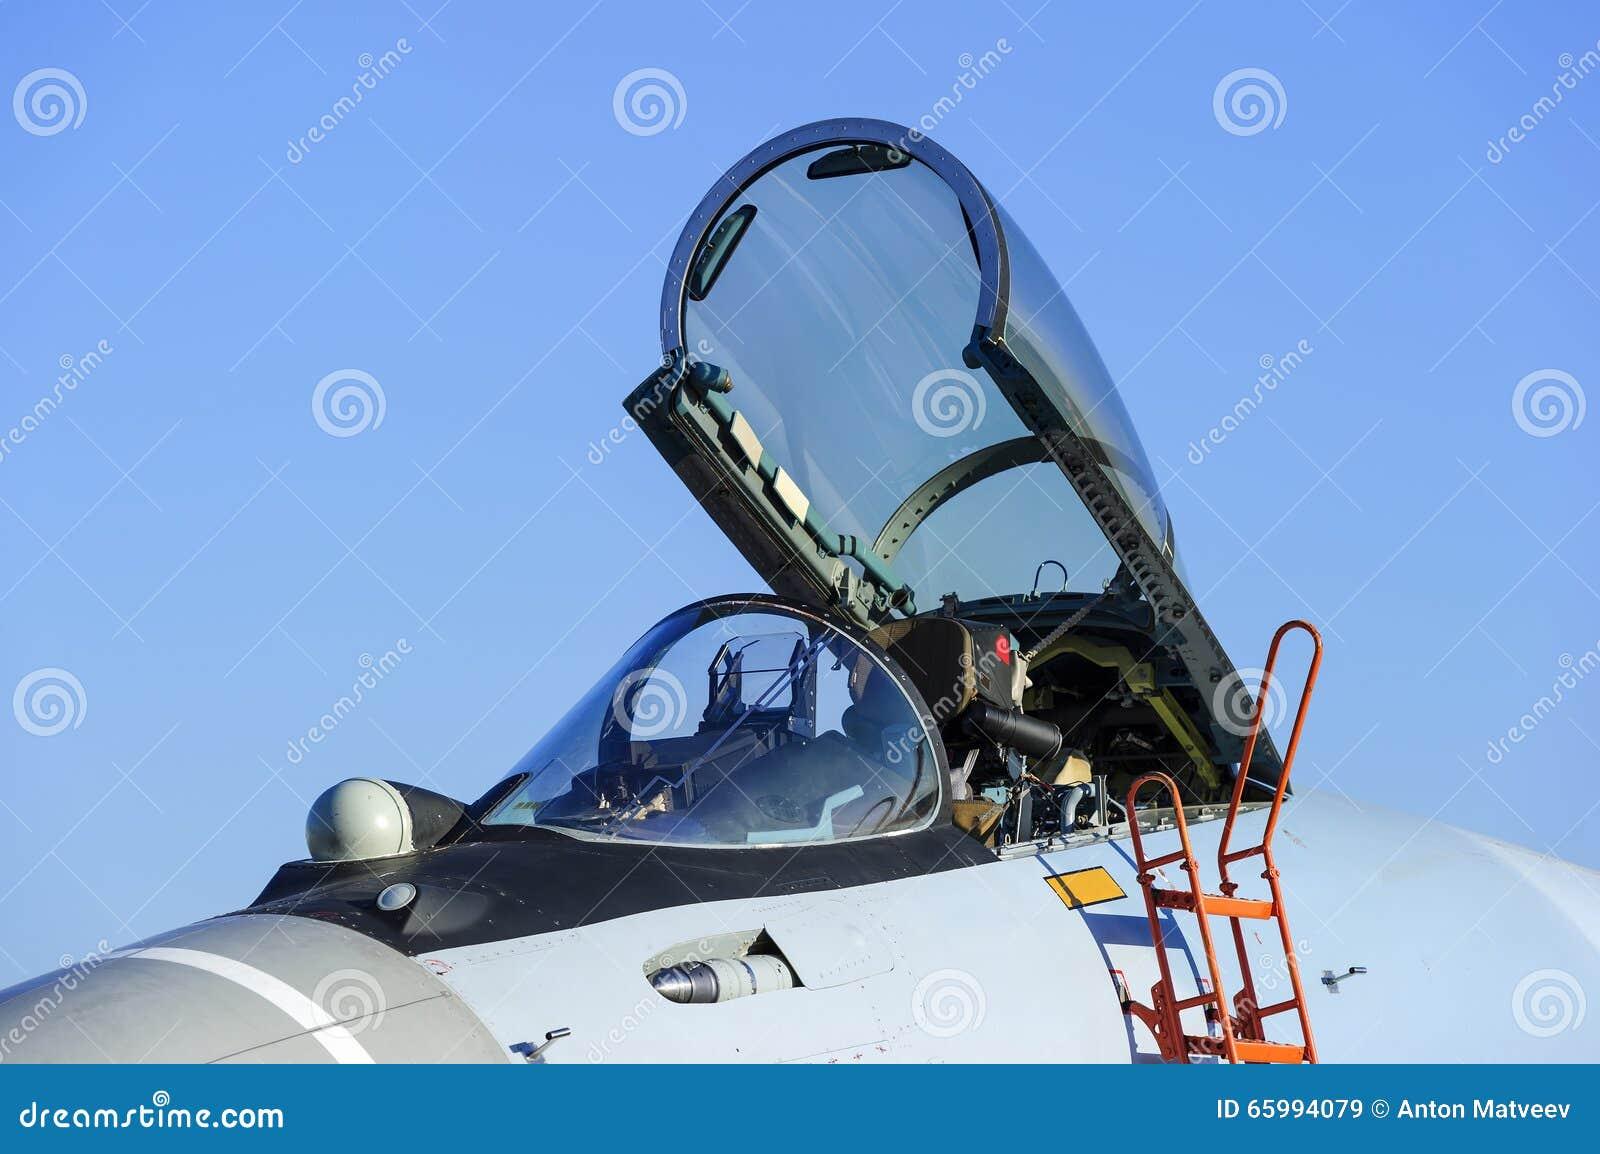 Jet Fighter Cockpit Pictures 71